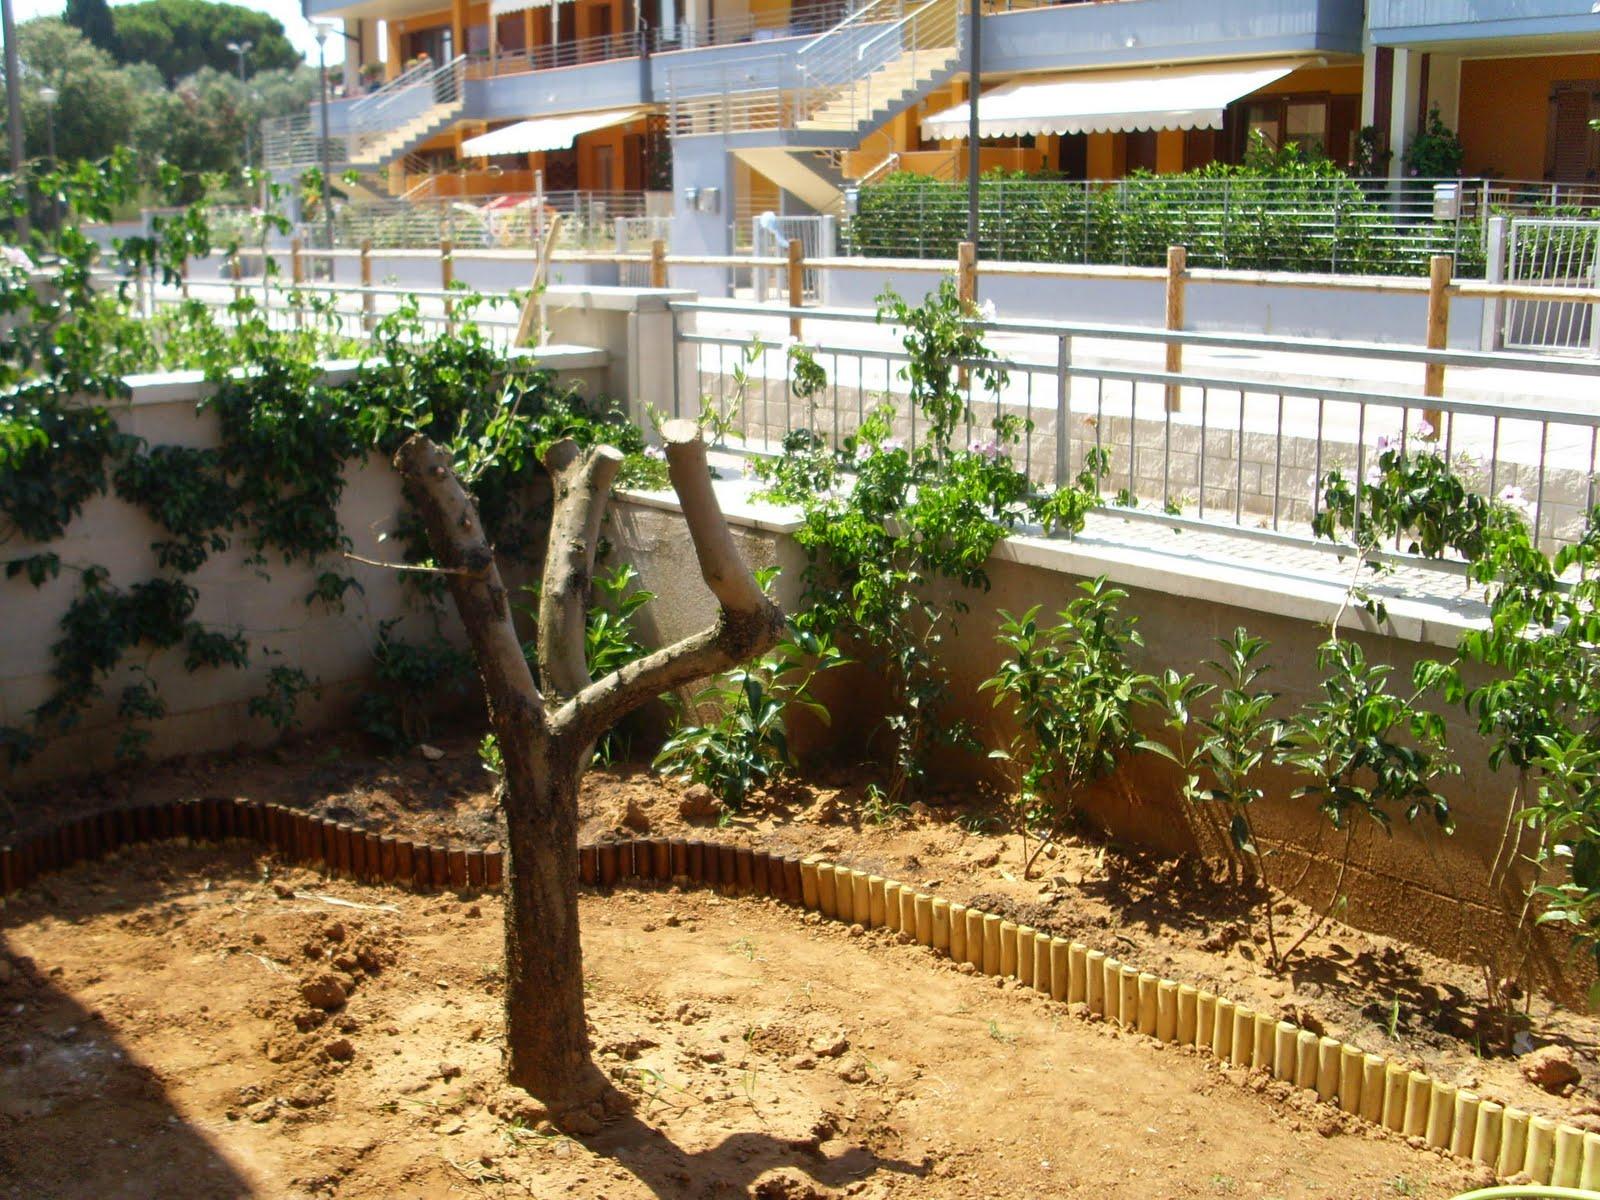 I giardini di carlo e letizia il giardino di federico 2 for Balcone giardino